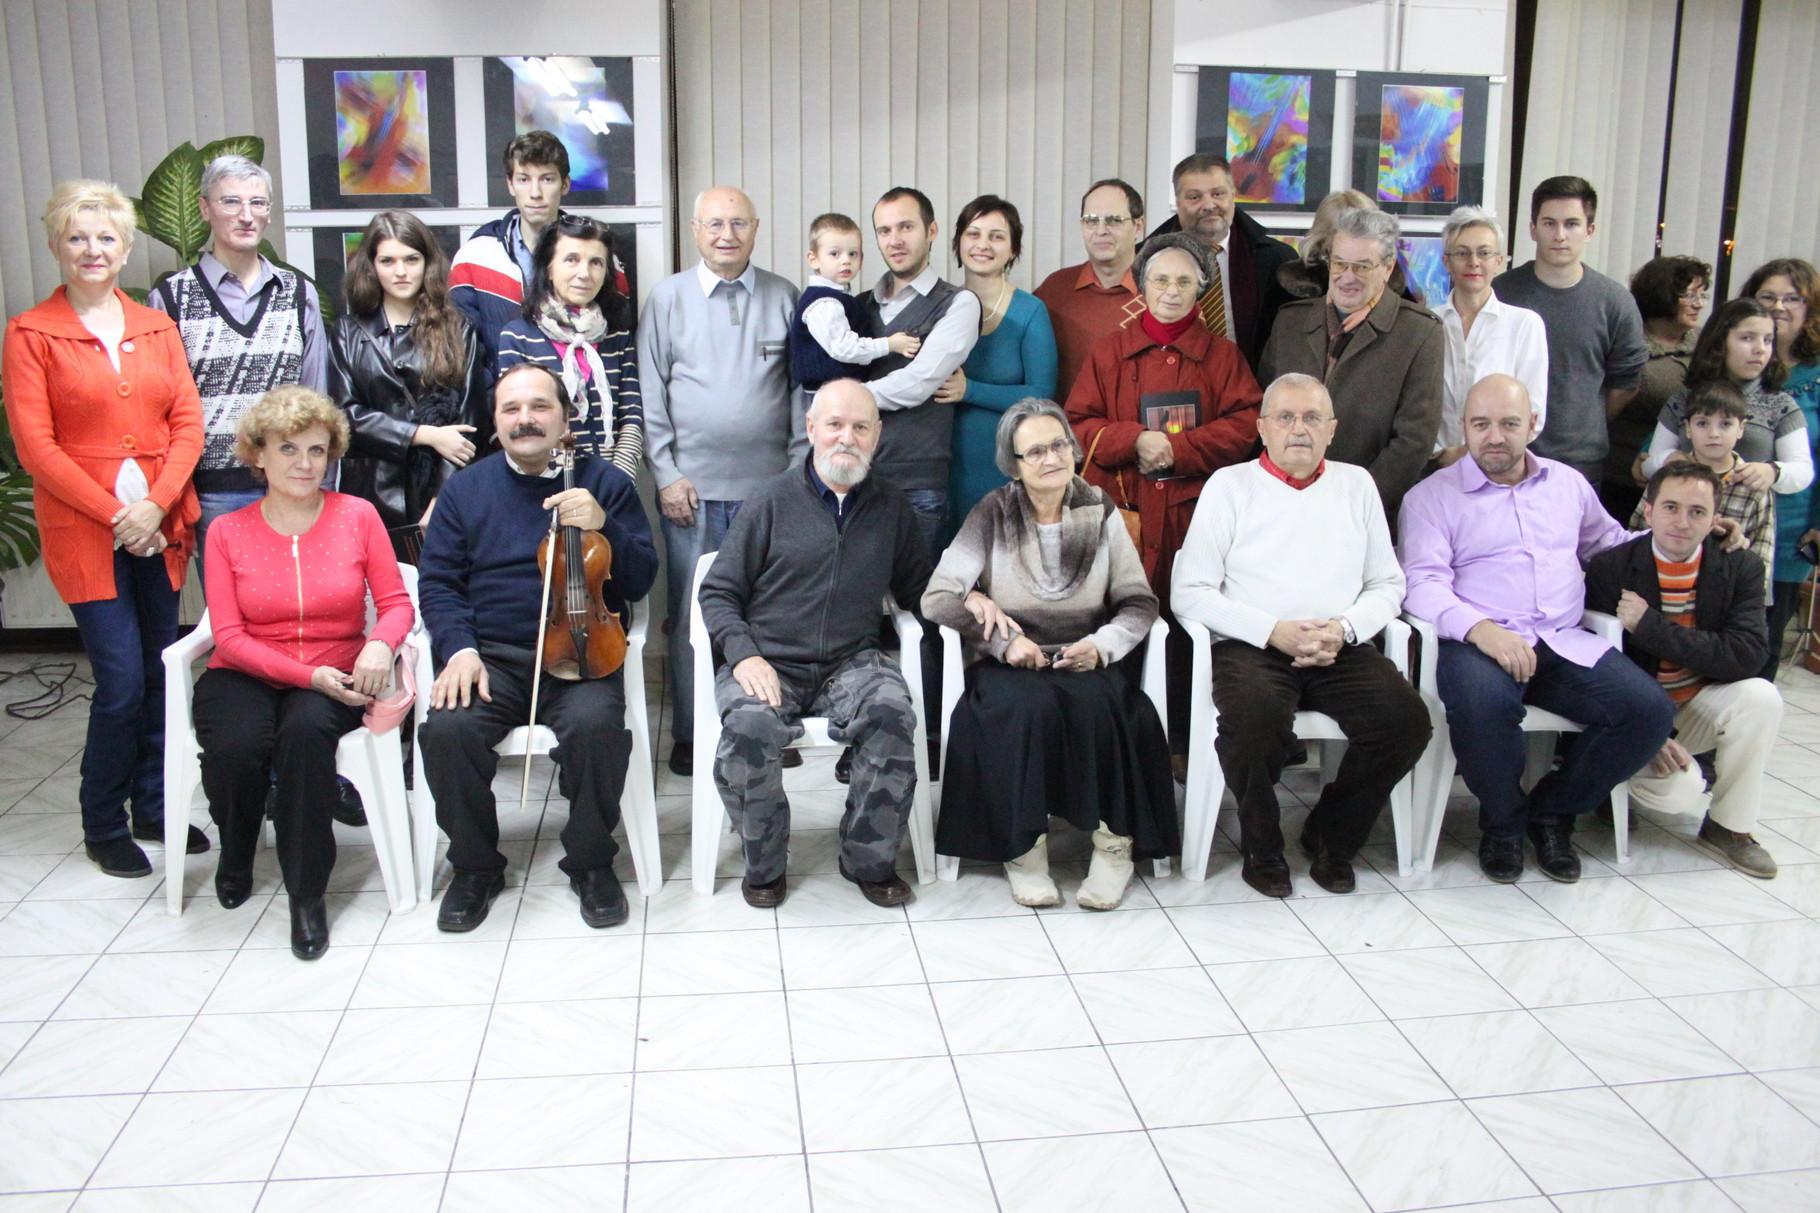 19.12.2014 - Oradea (RO)